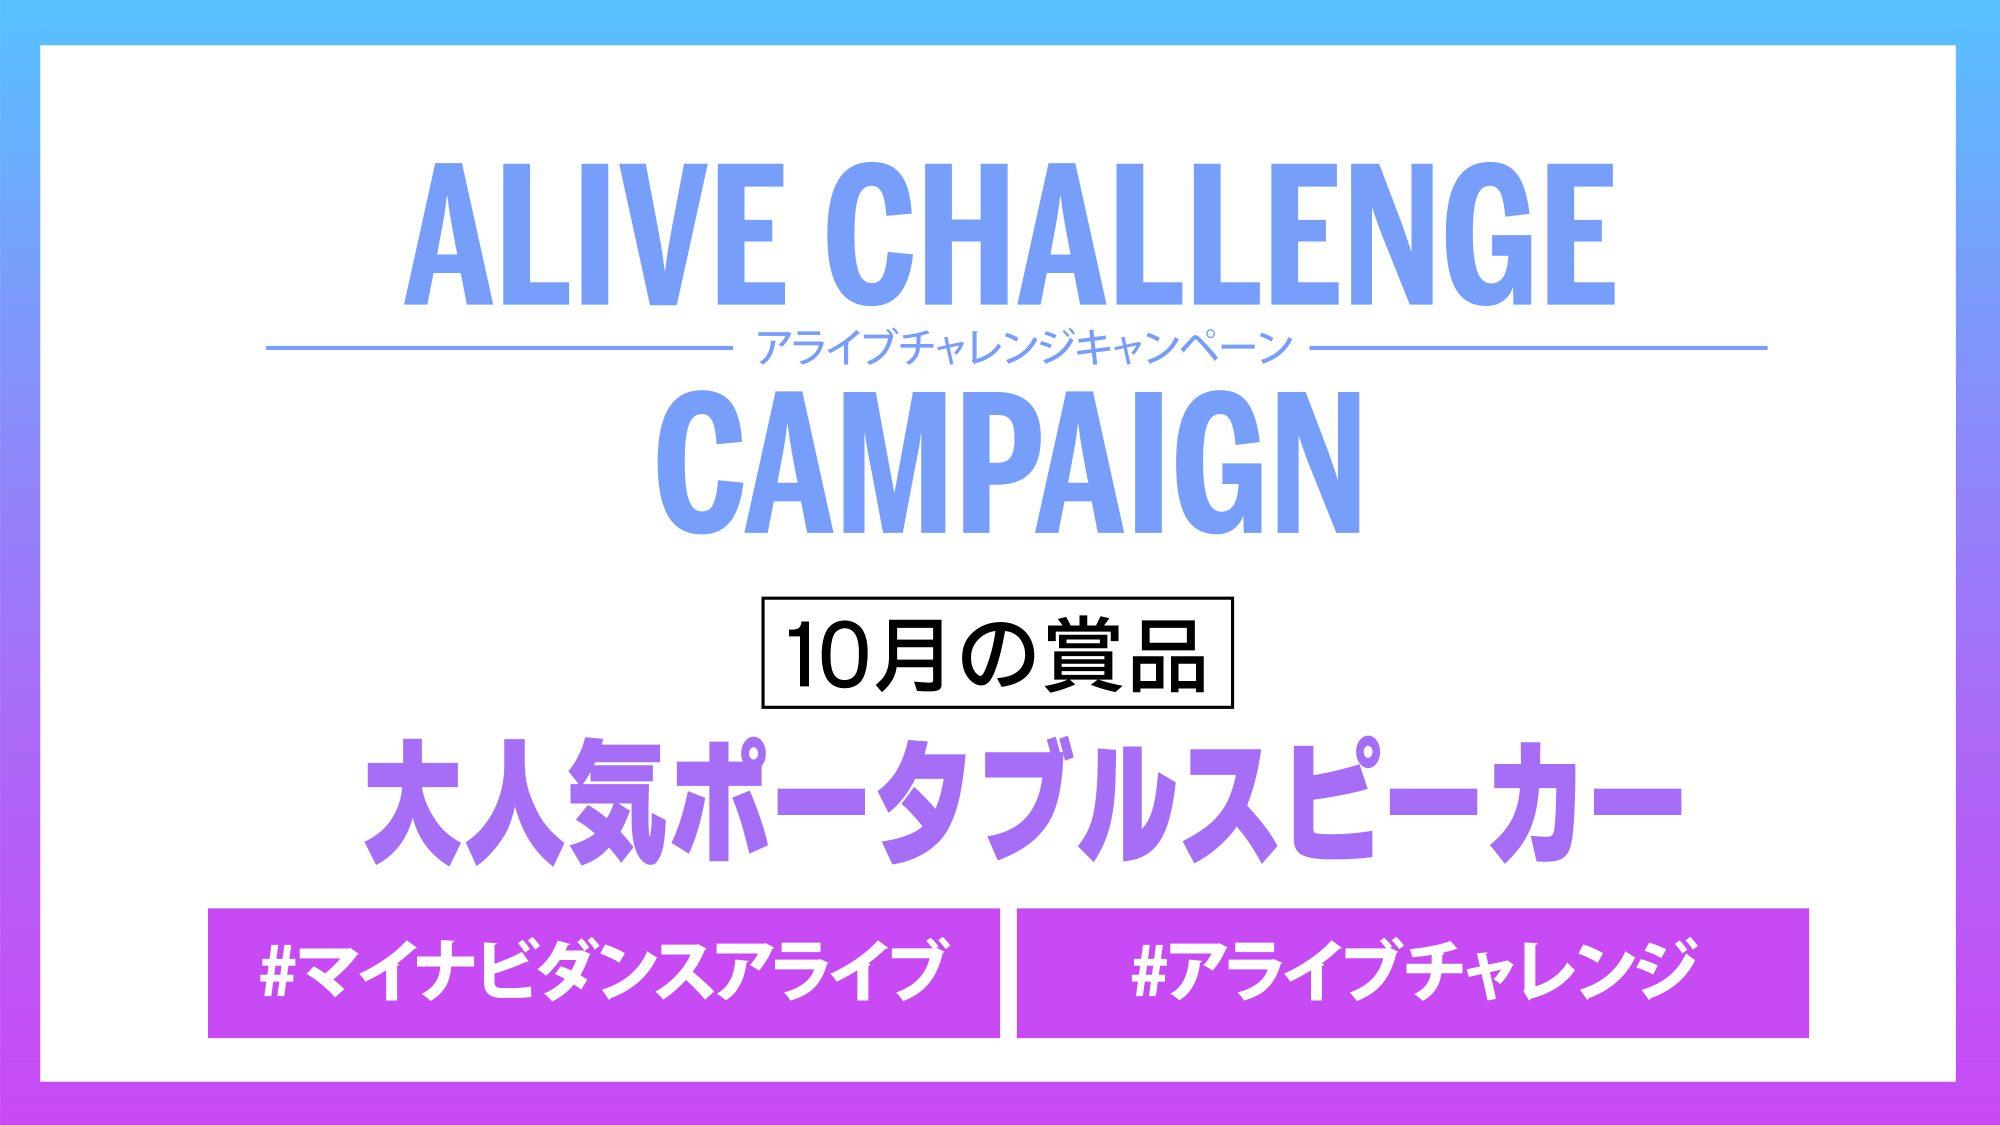 10月のアライブチャレンジキャンペーンが公開!